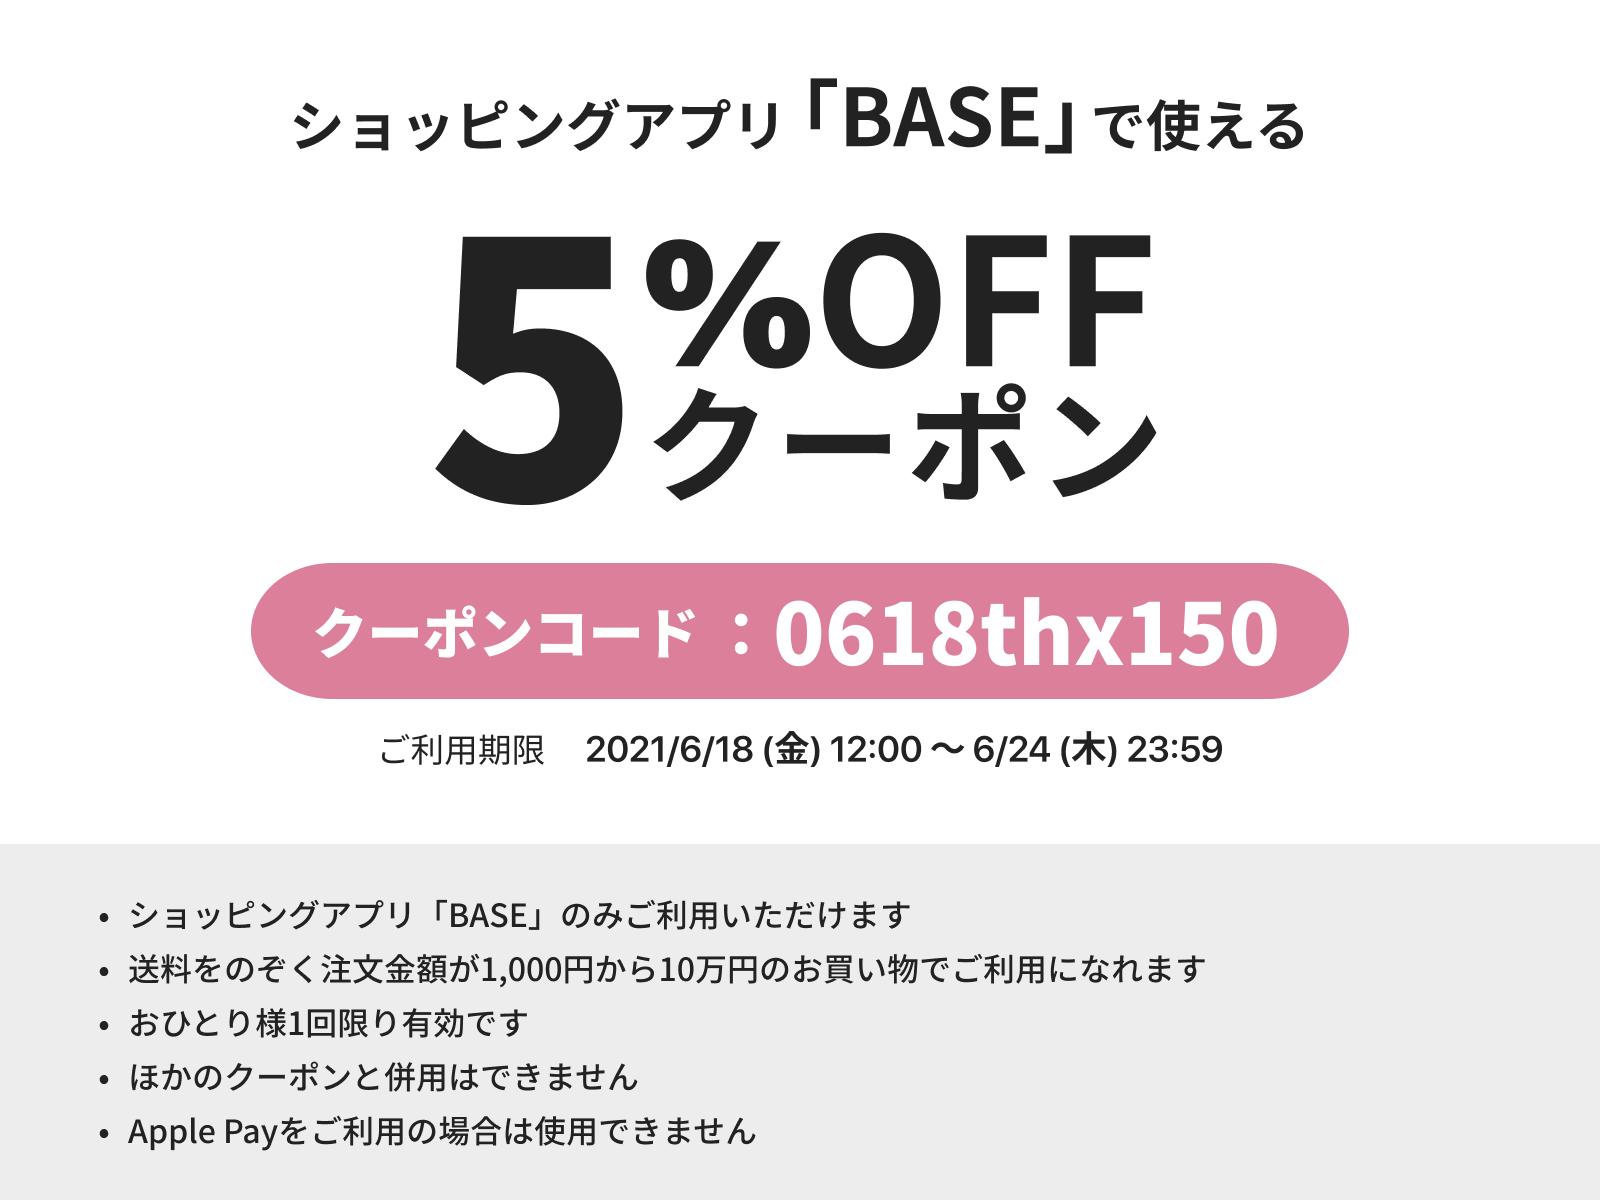 【6月18日(金)〜 6月24日(木)、期間限定全品5%OFFショッピングクーポンプレゼント】